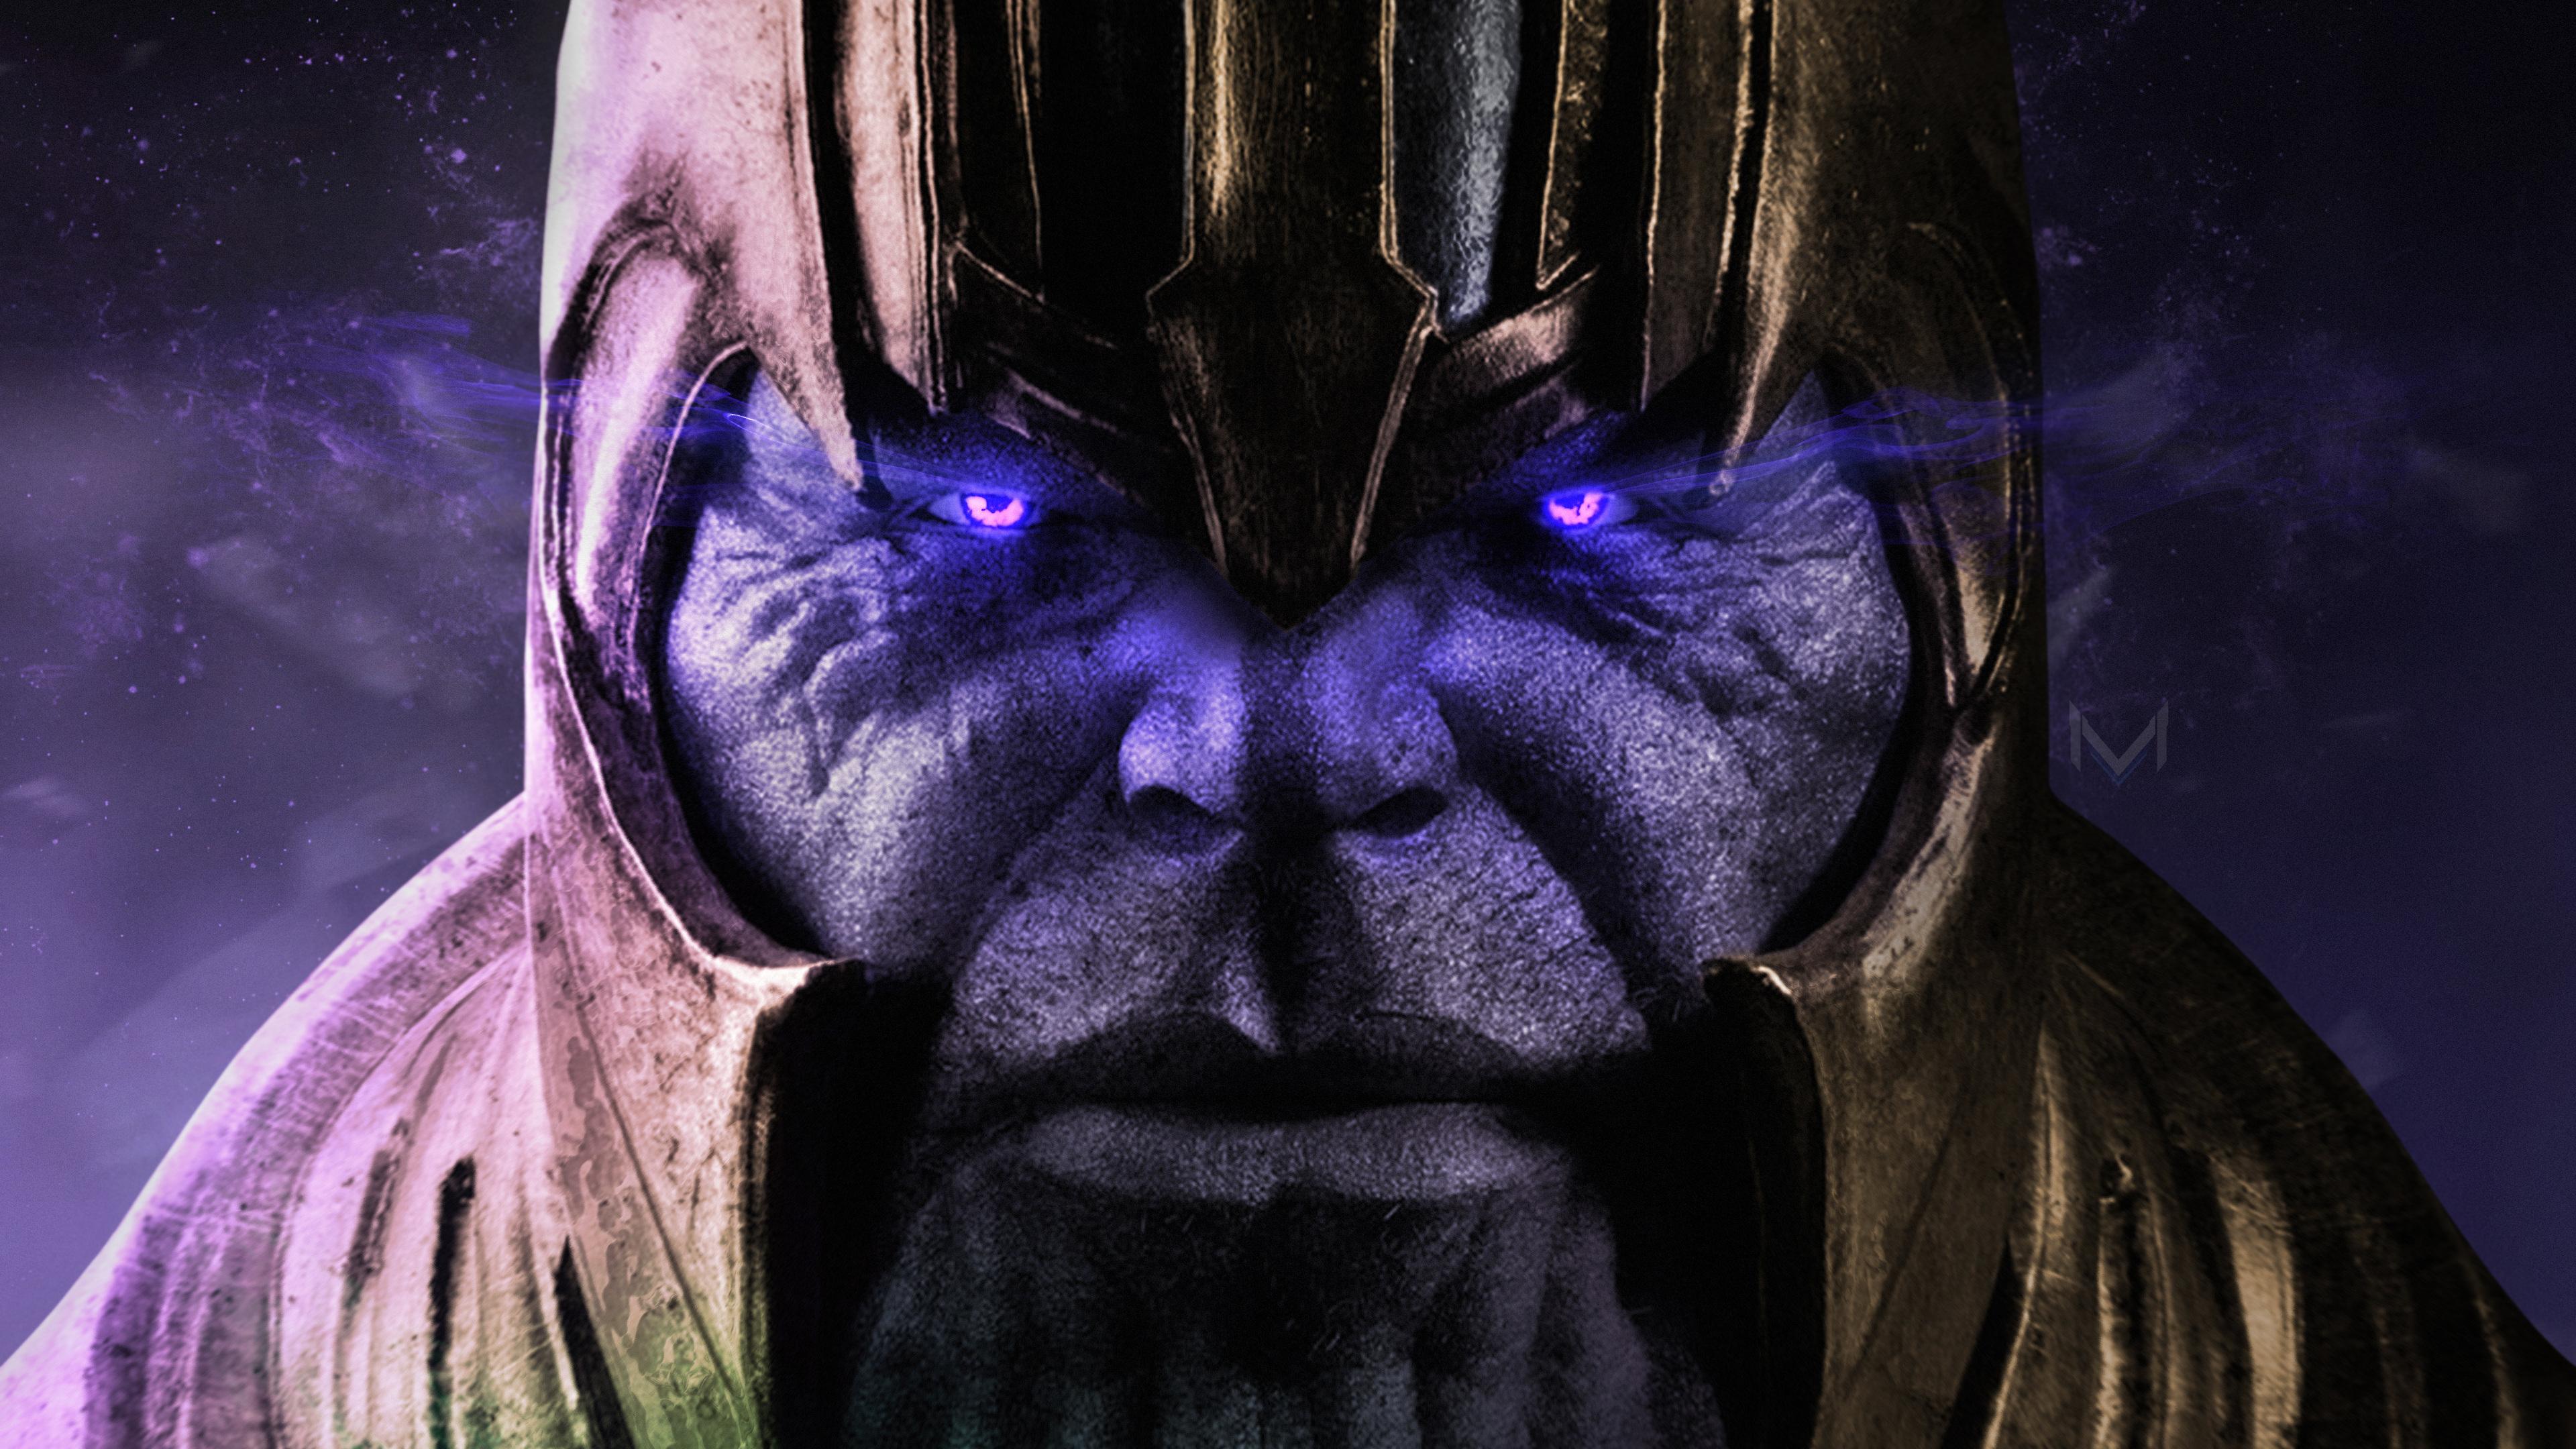 thanos the end is near 1536522597 - Thanos The End Is Near - thanos-wallpapers, superheroes wallpapers, hd-wallpapers, digital art wallpapers, deviantart wallpapers, artwork wallpapers, artist wallpapers, 4k-wallpapers